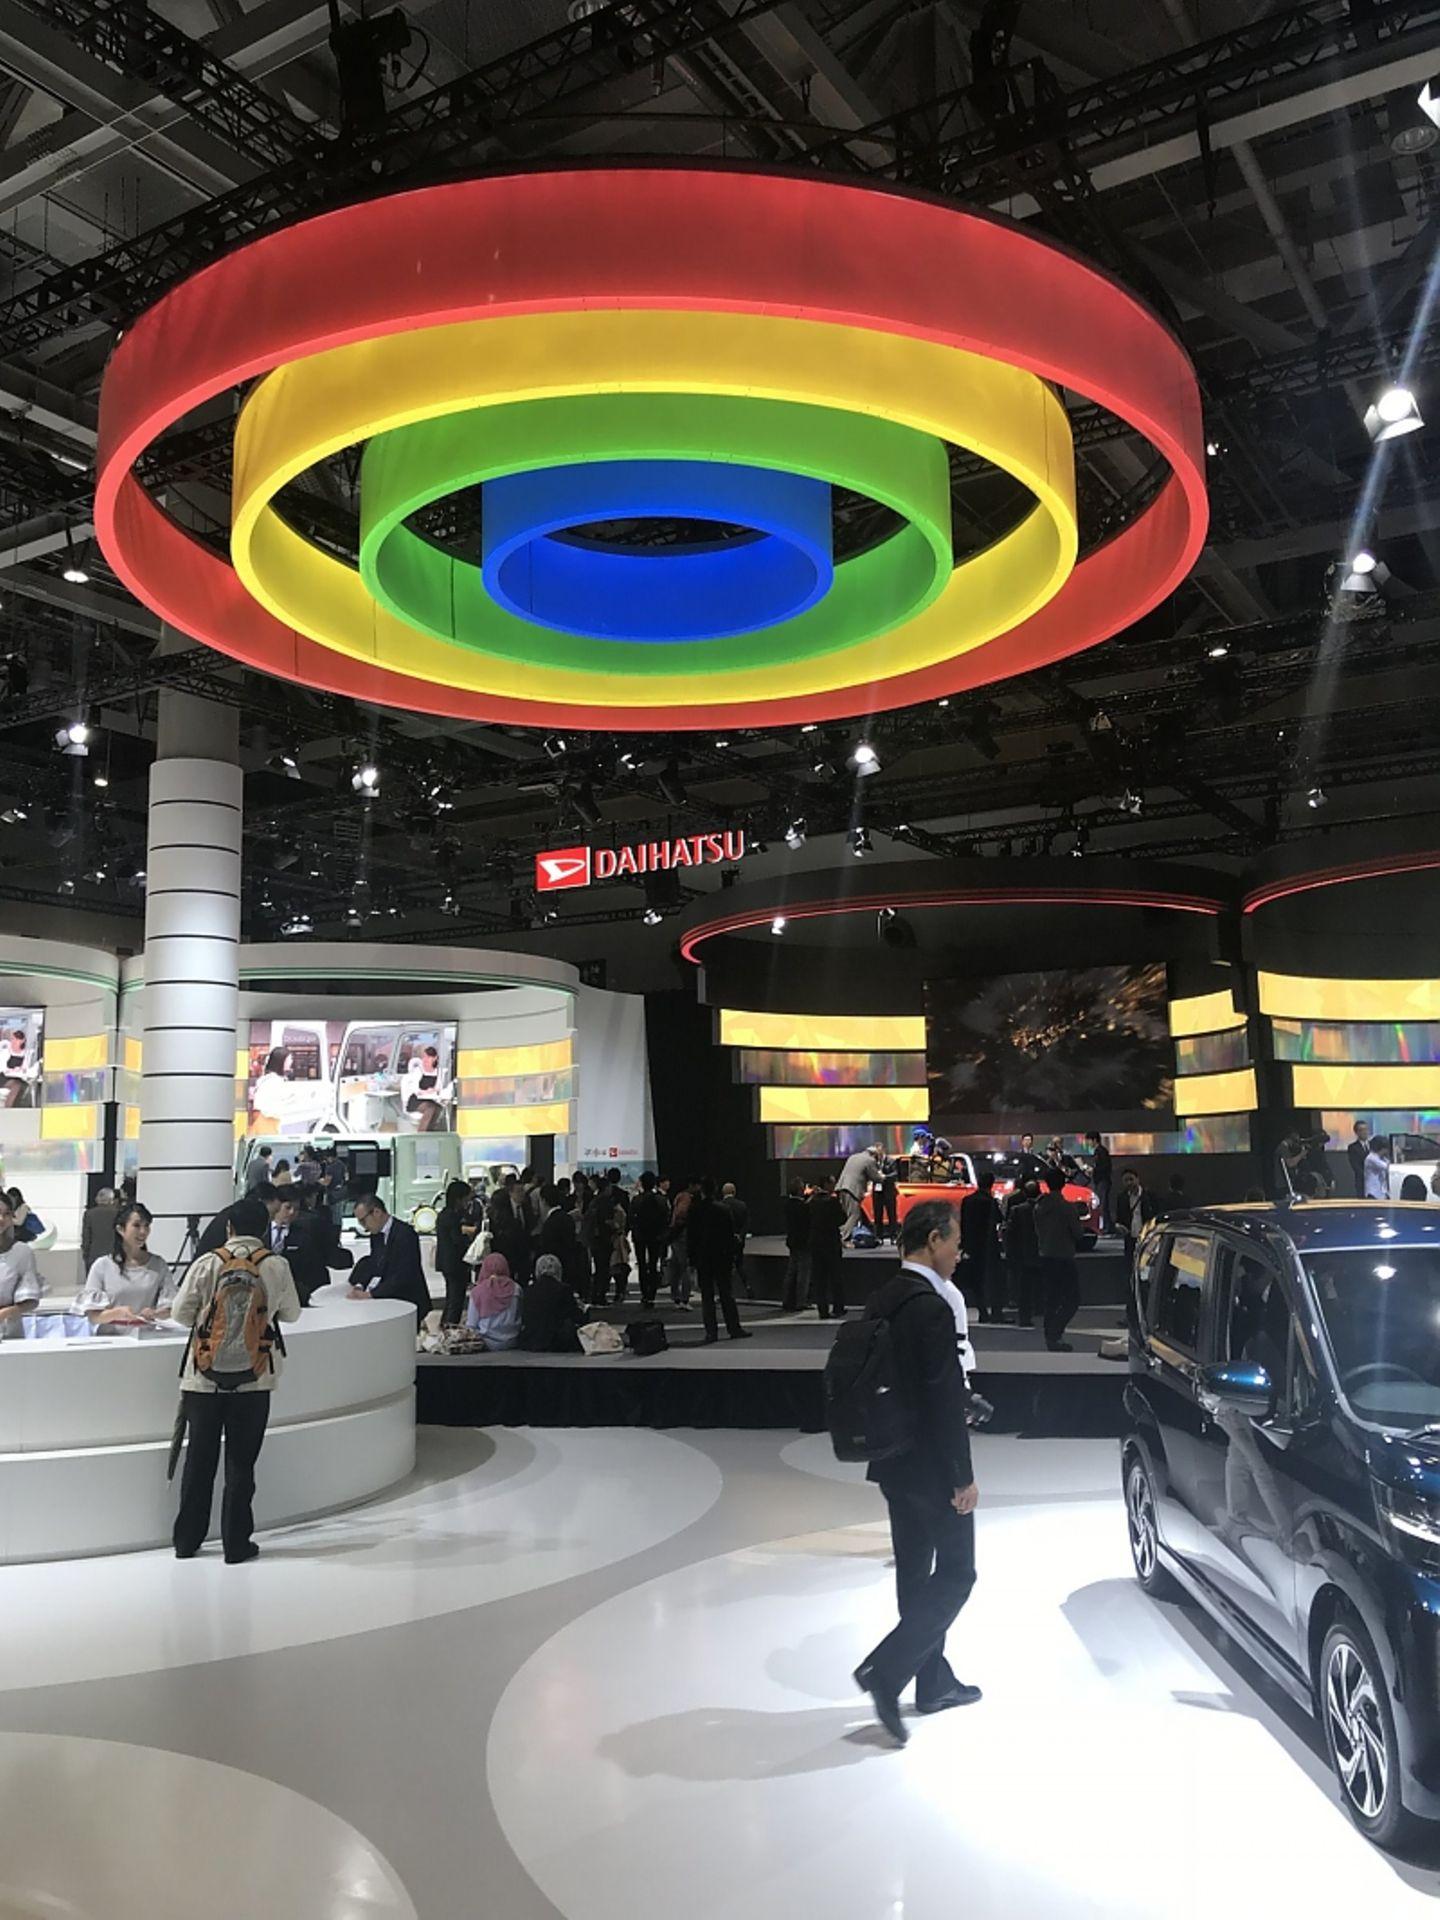 Daihatsu Messestand - gehört längst zur Toyota-Familie